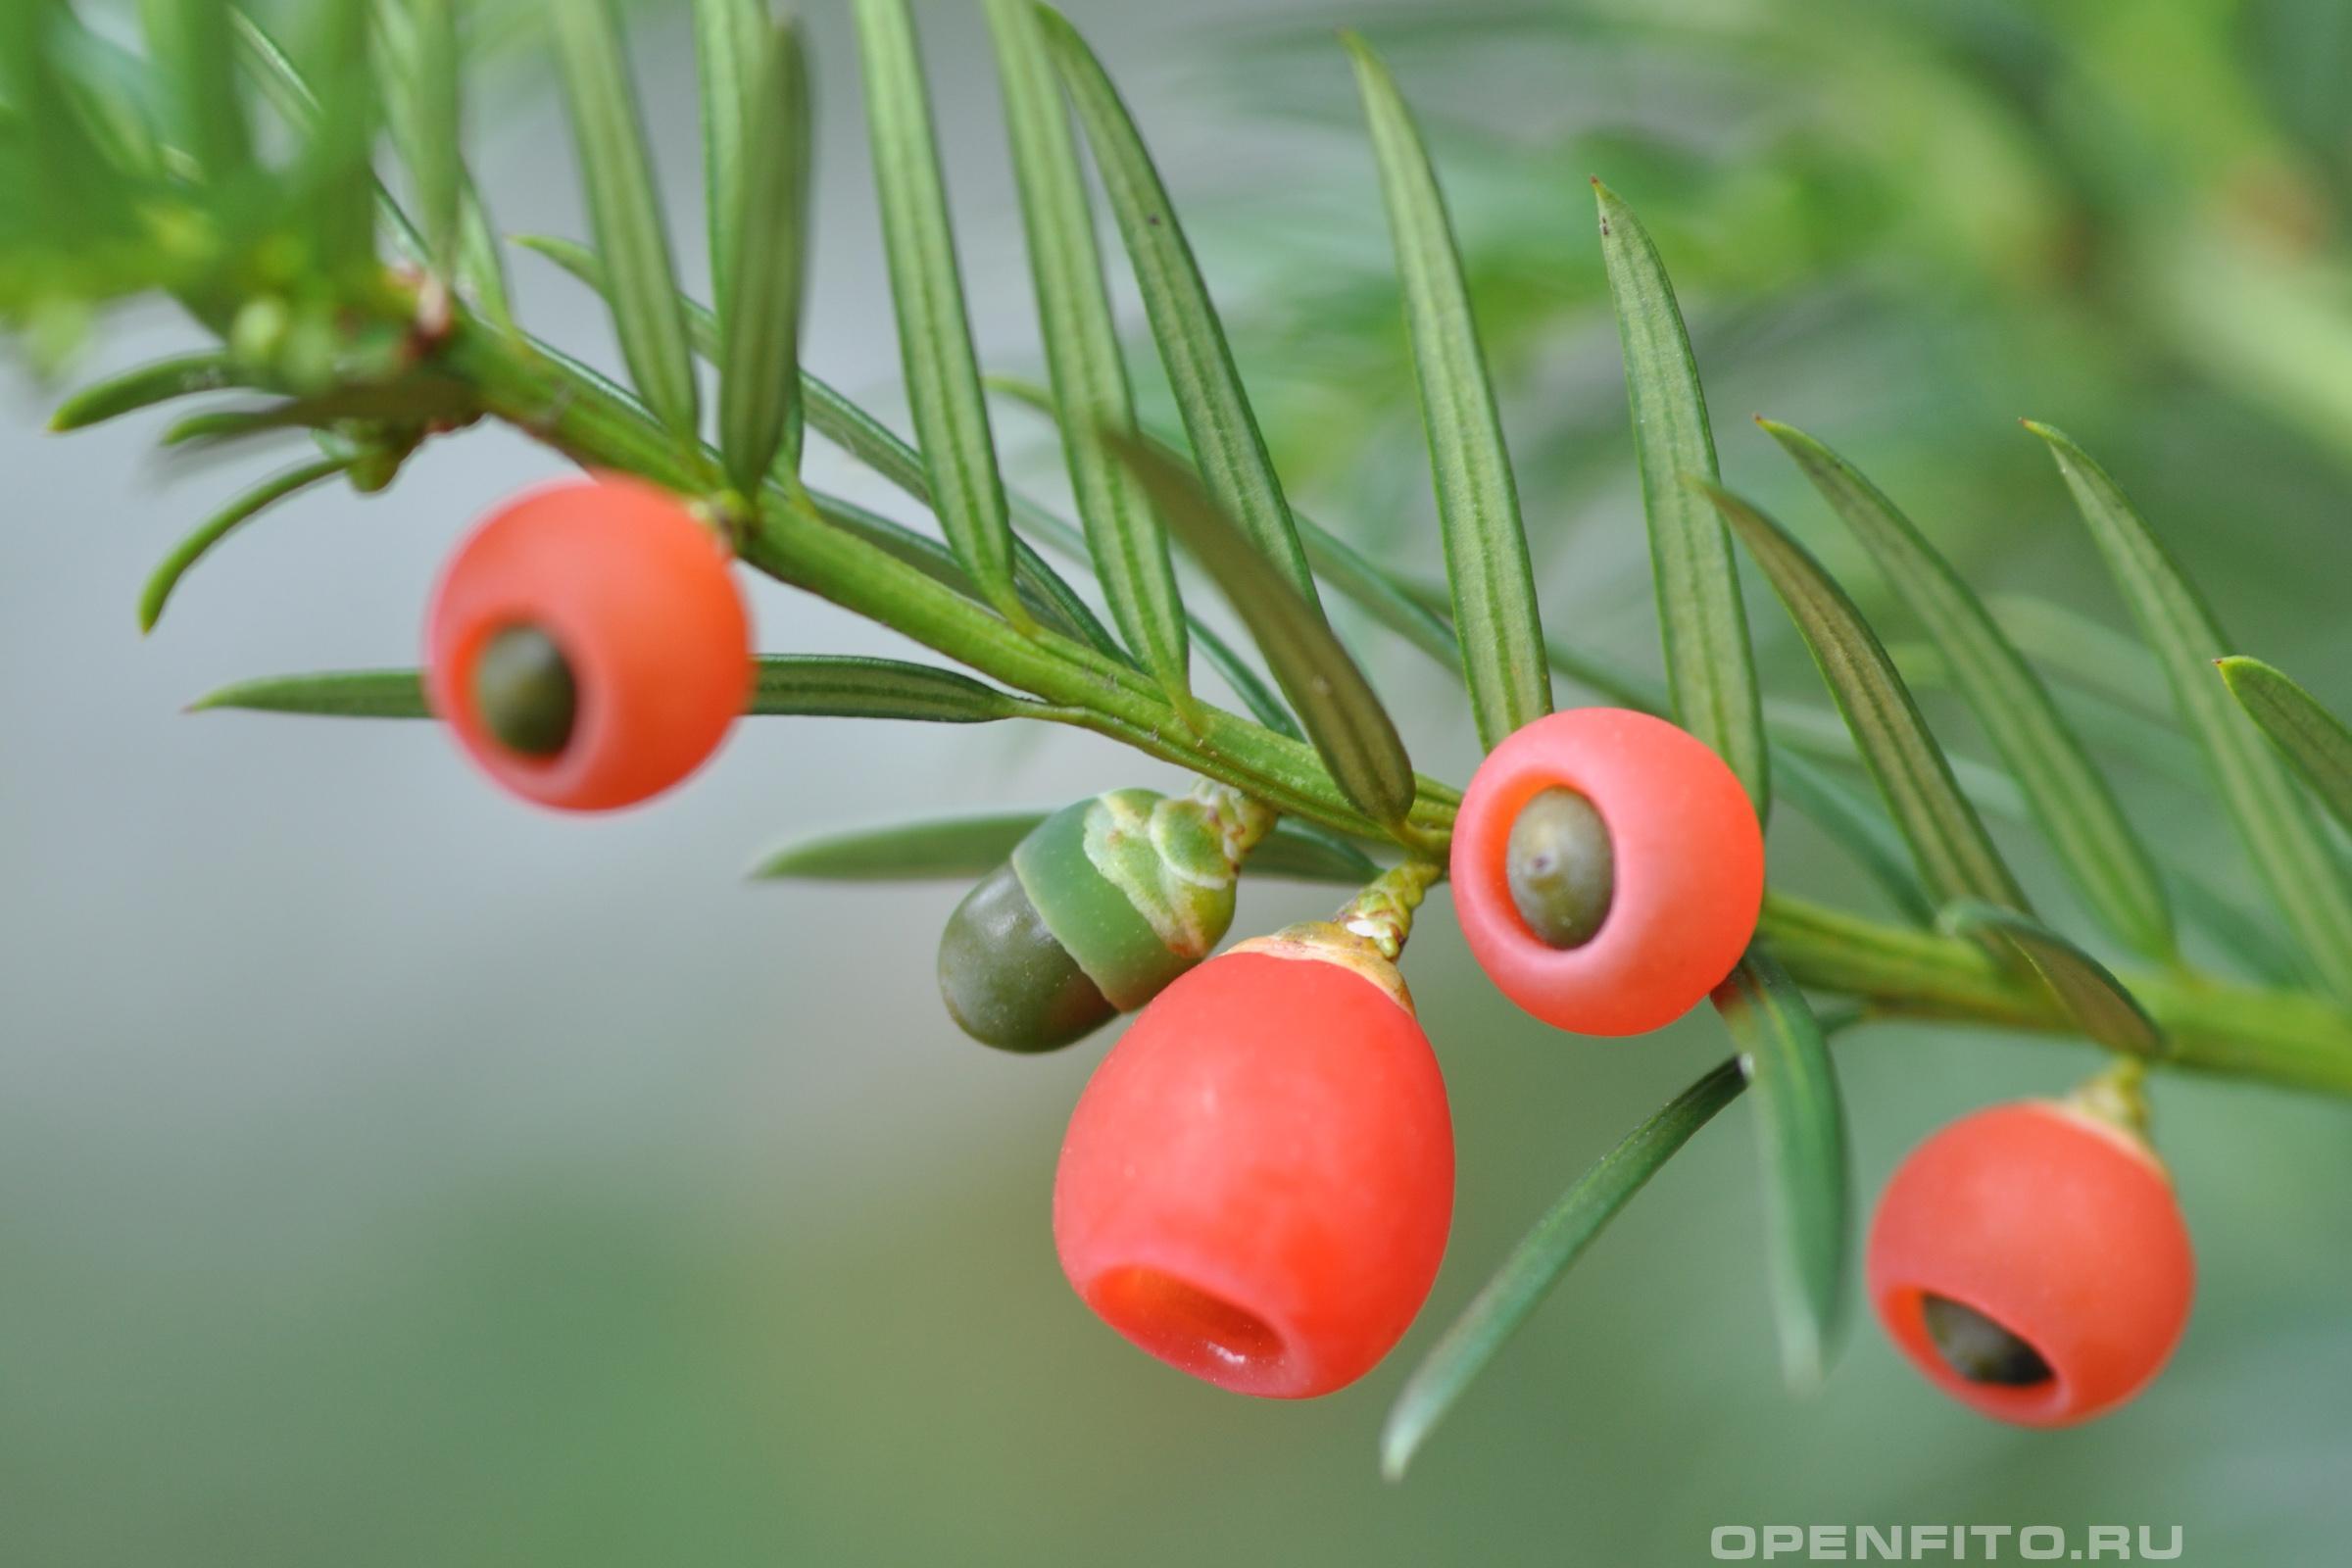 Тис обыкновенный плоды - единственная нетоксичная часть растения